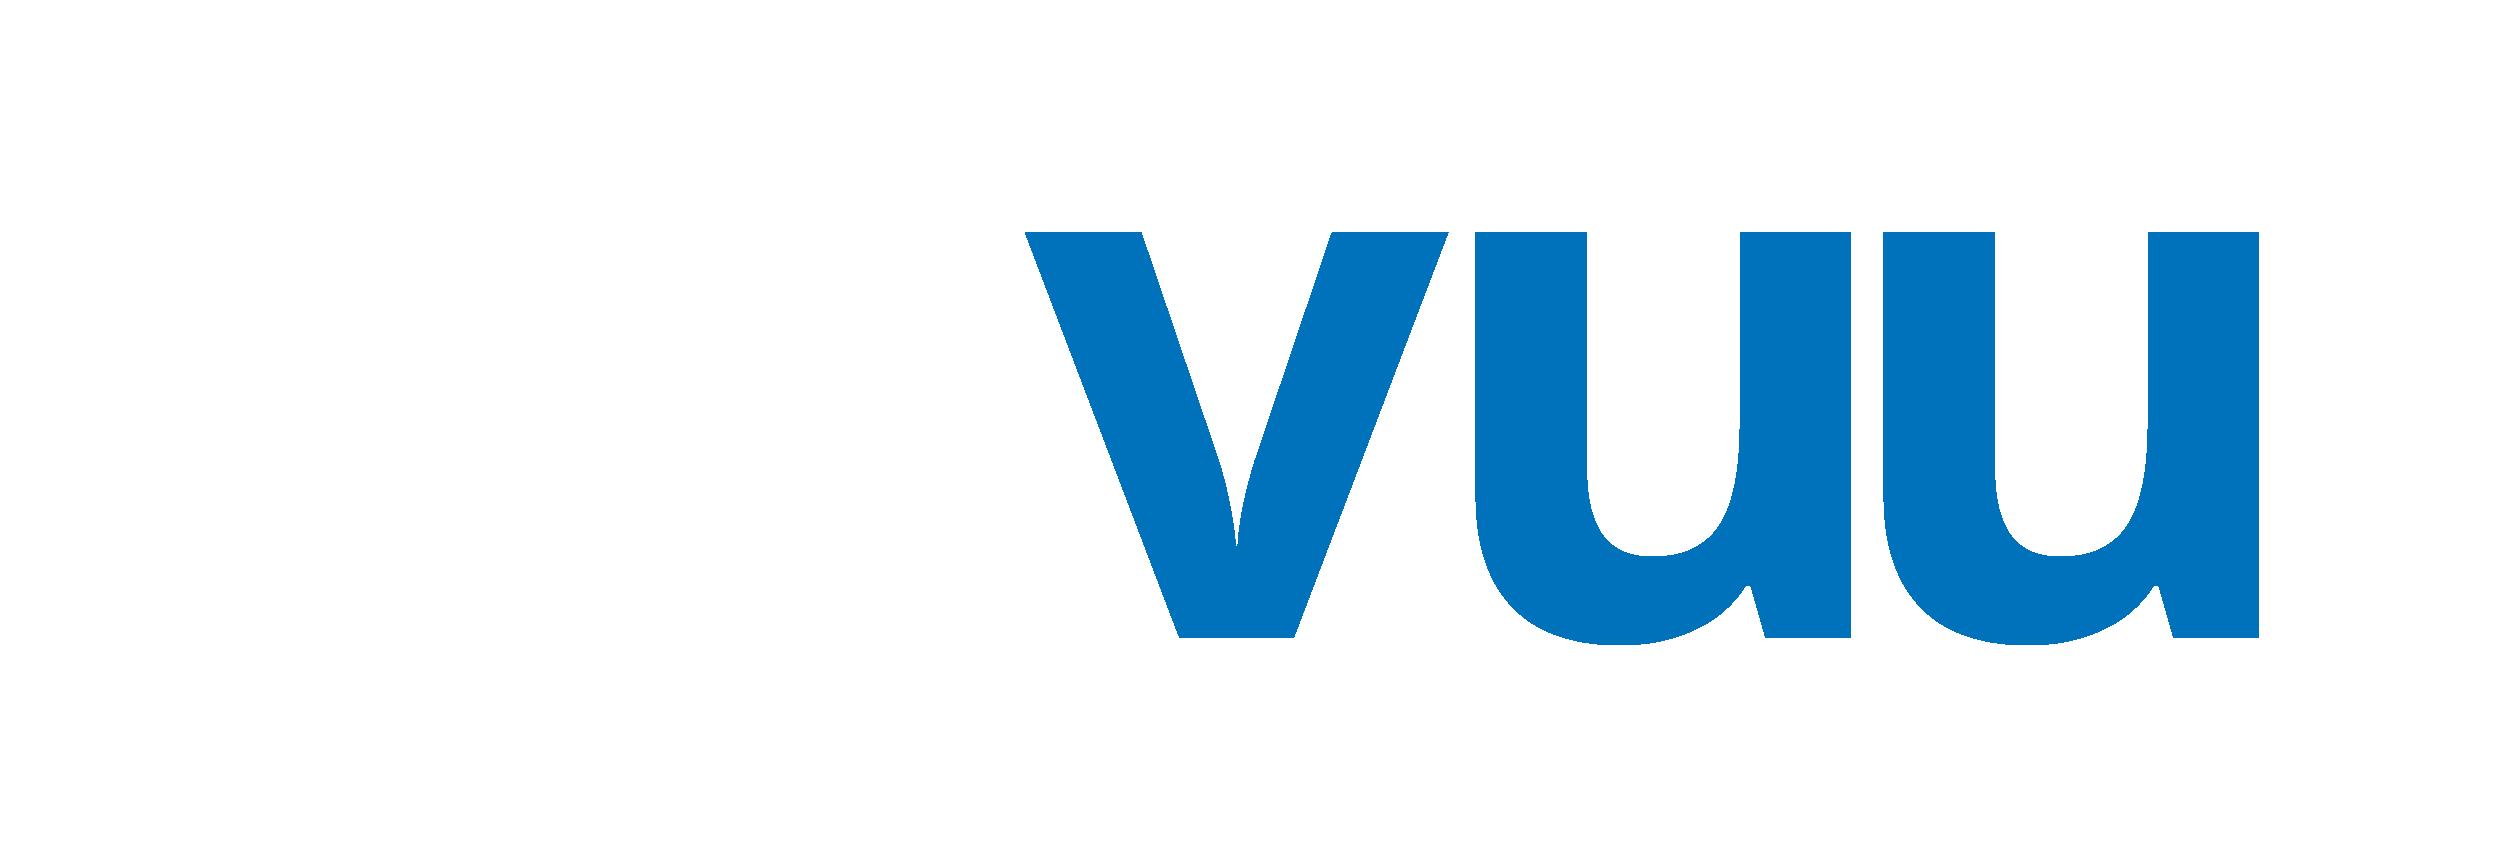 Bizvuu Product Info Request